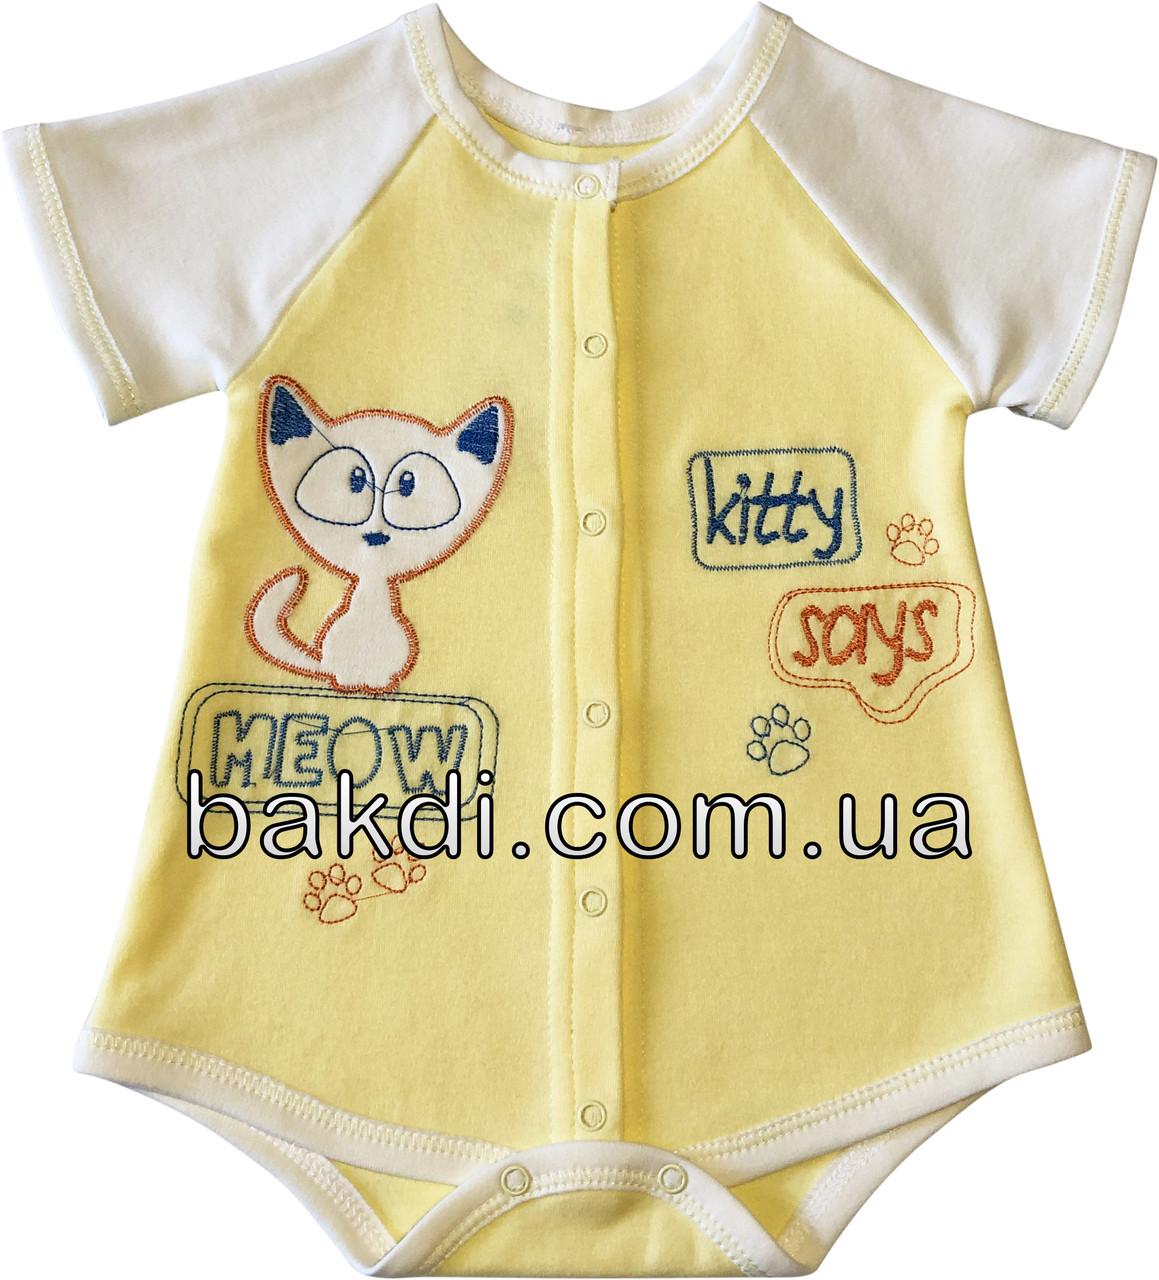 Дитяче літнє боді ріст 68 (3-6 міс.) інтерлок жовтий на хлопчика/дівчинку з коротким рукавом для